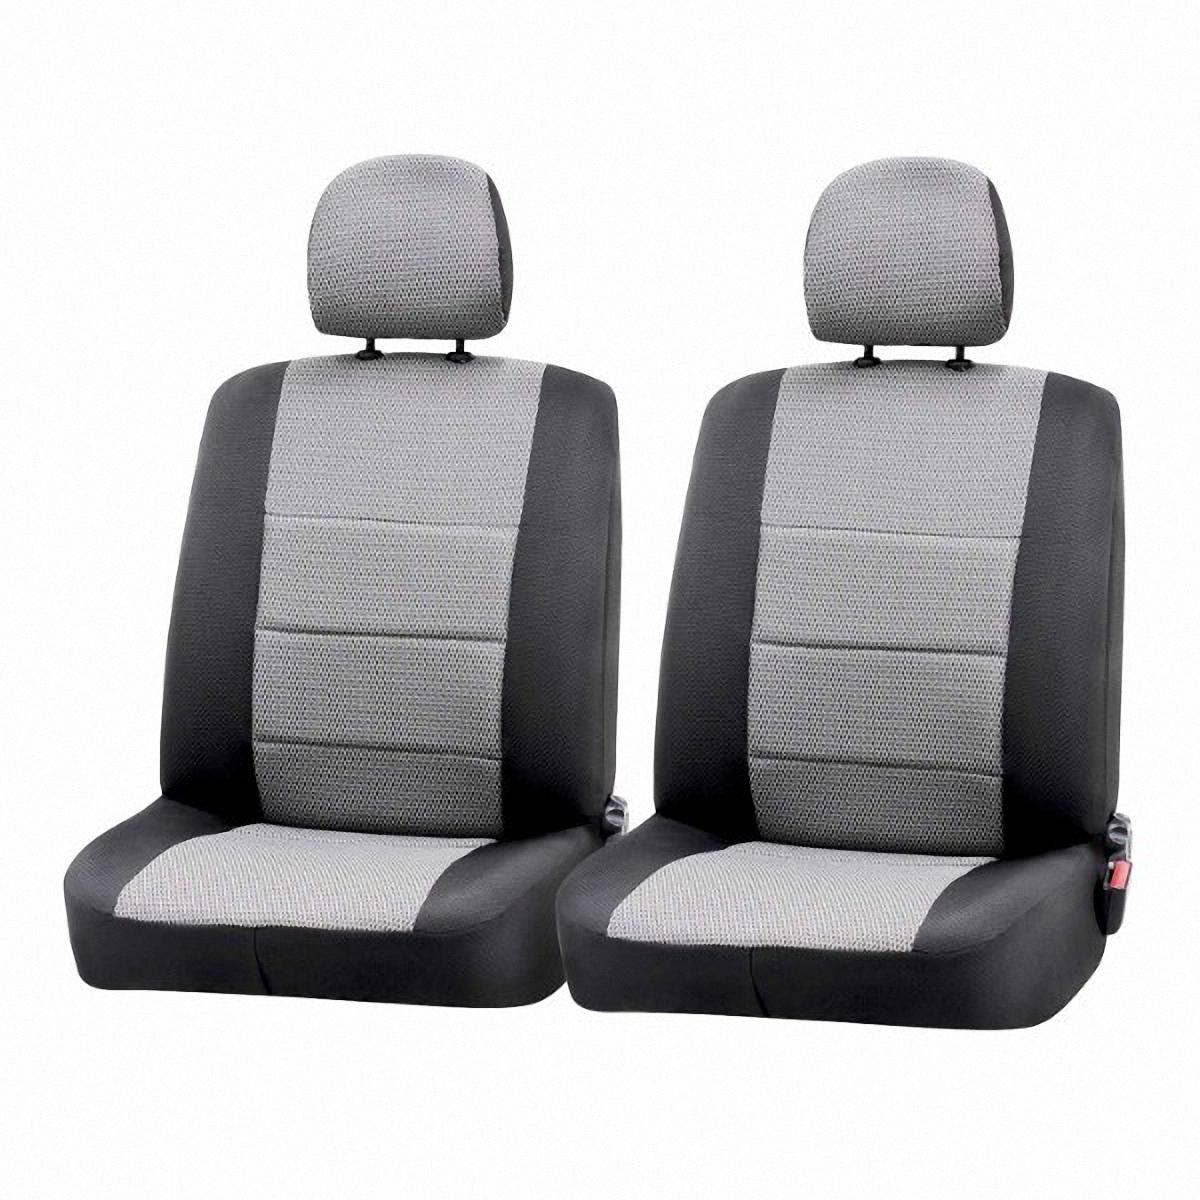 Чехол на сиденье Skyway Toyota Corolla (седан). Ty2-1 чехол на сиденье skyway toyota corolla седан ty1 2k